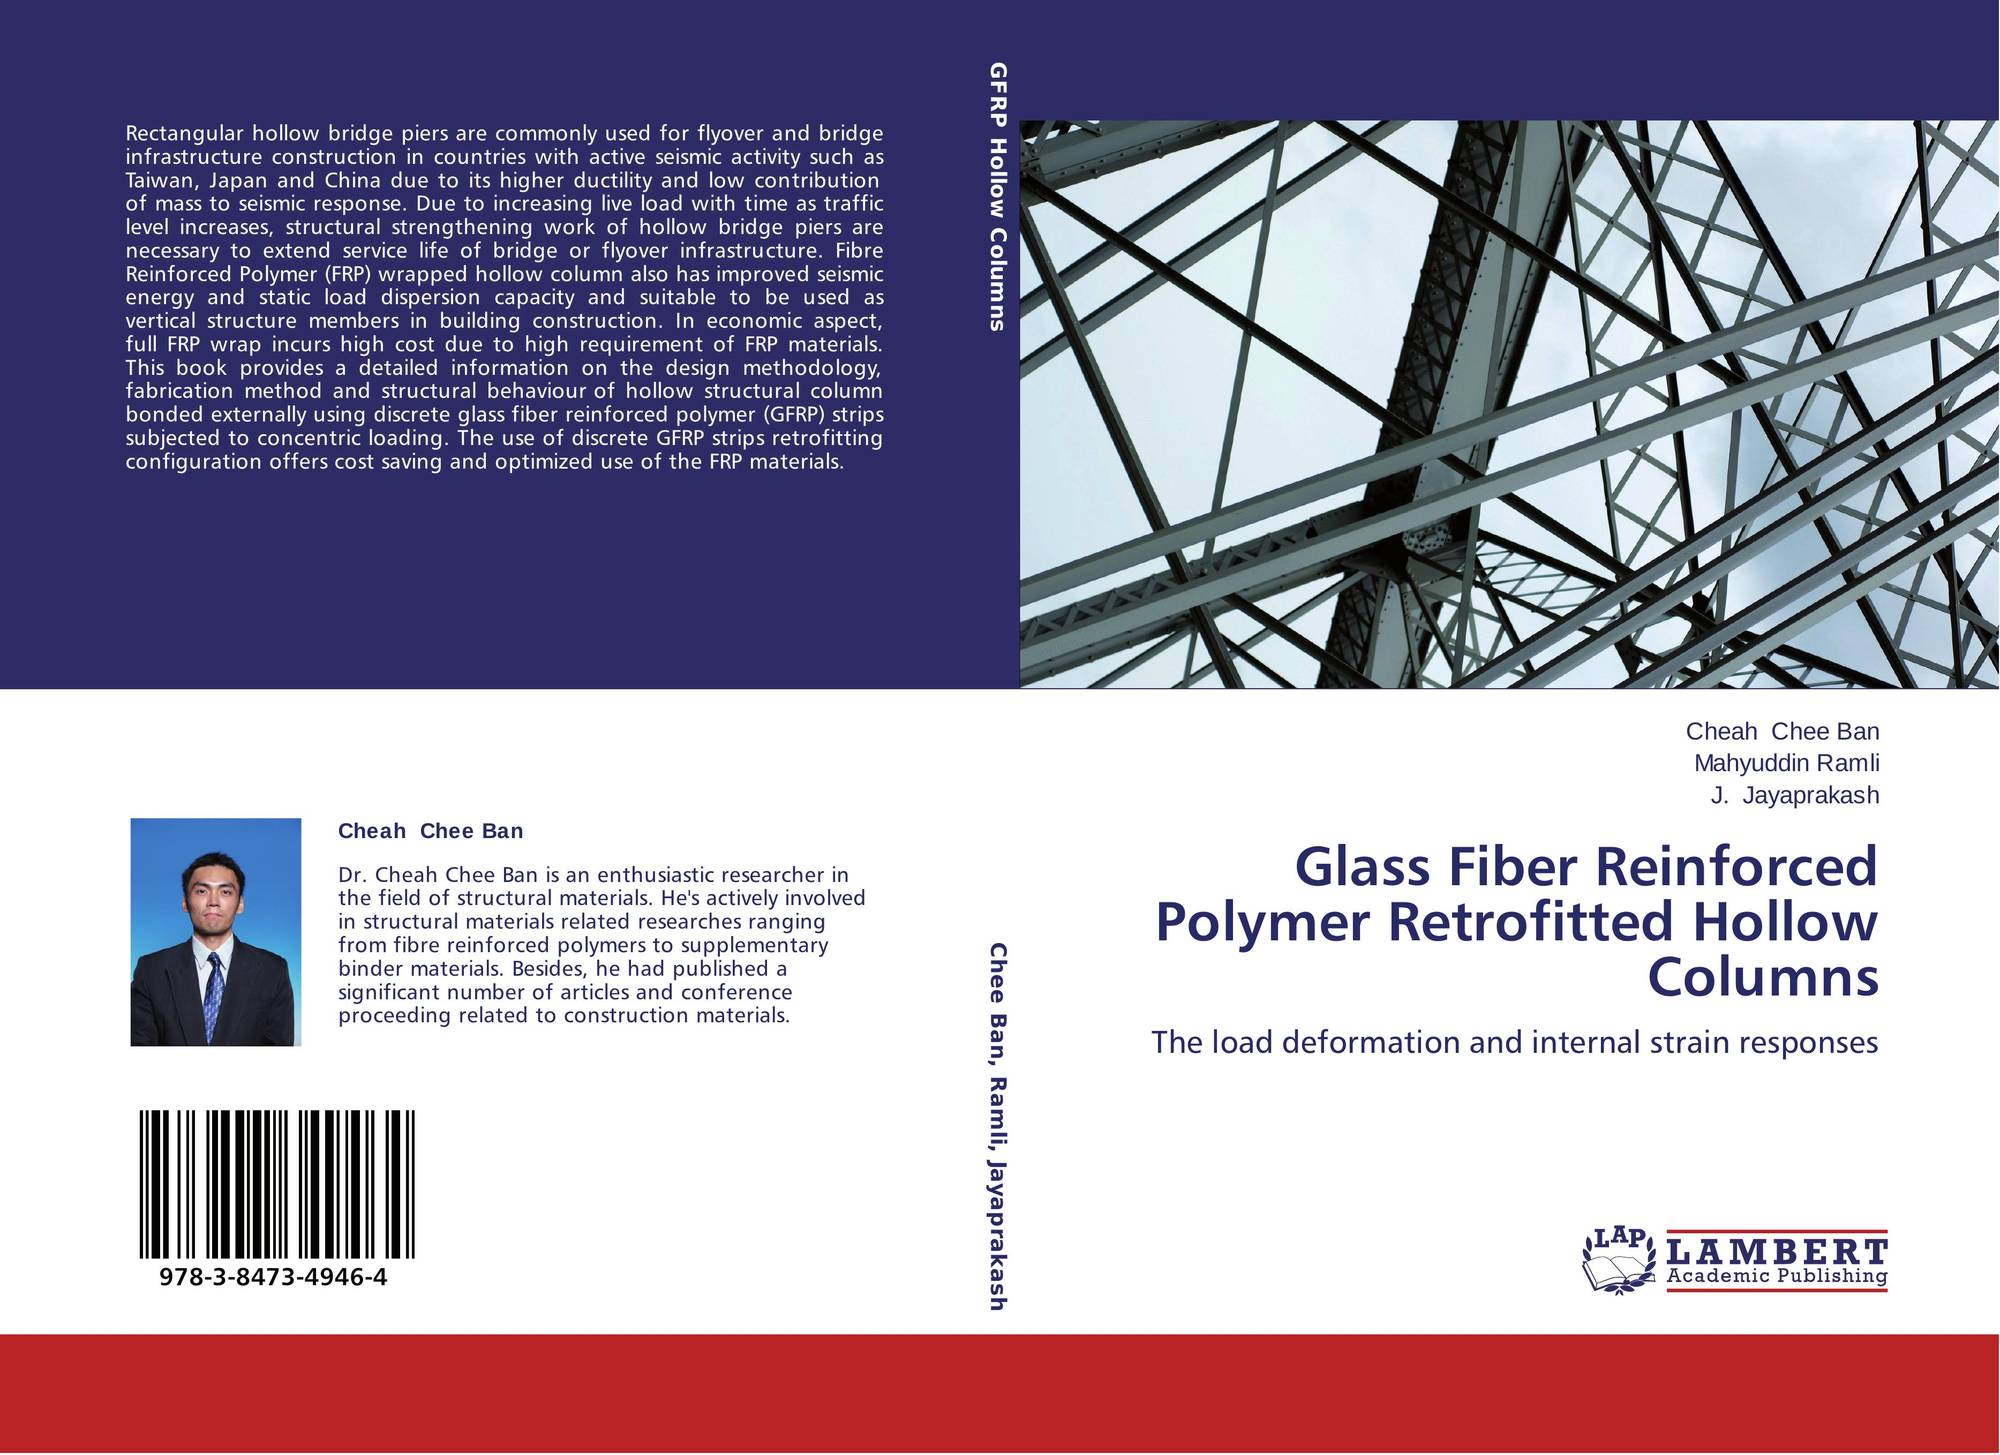 Glass Fiber Reinforced Polymer Retrofitted Hollow Columns